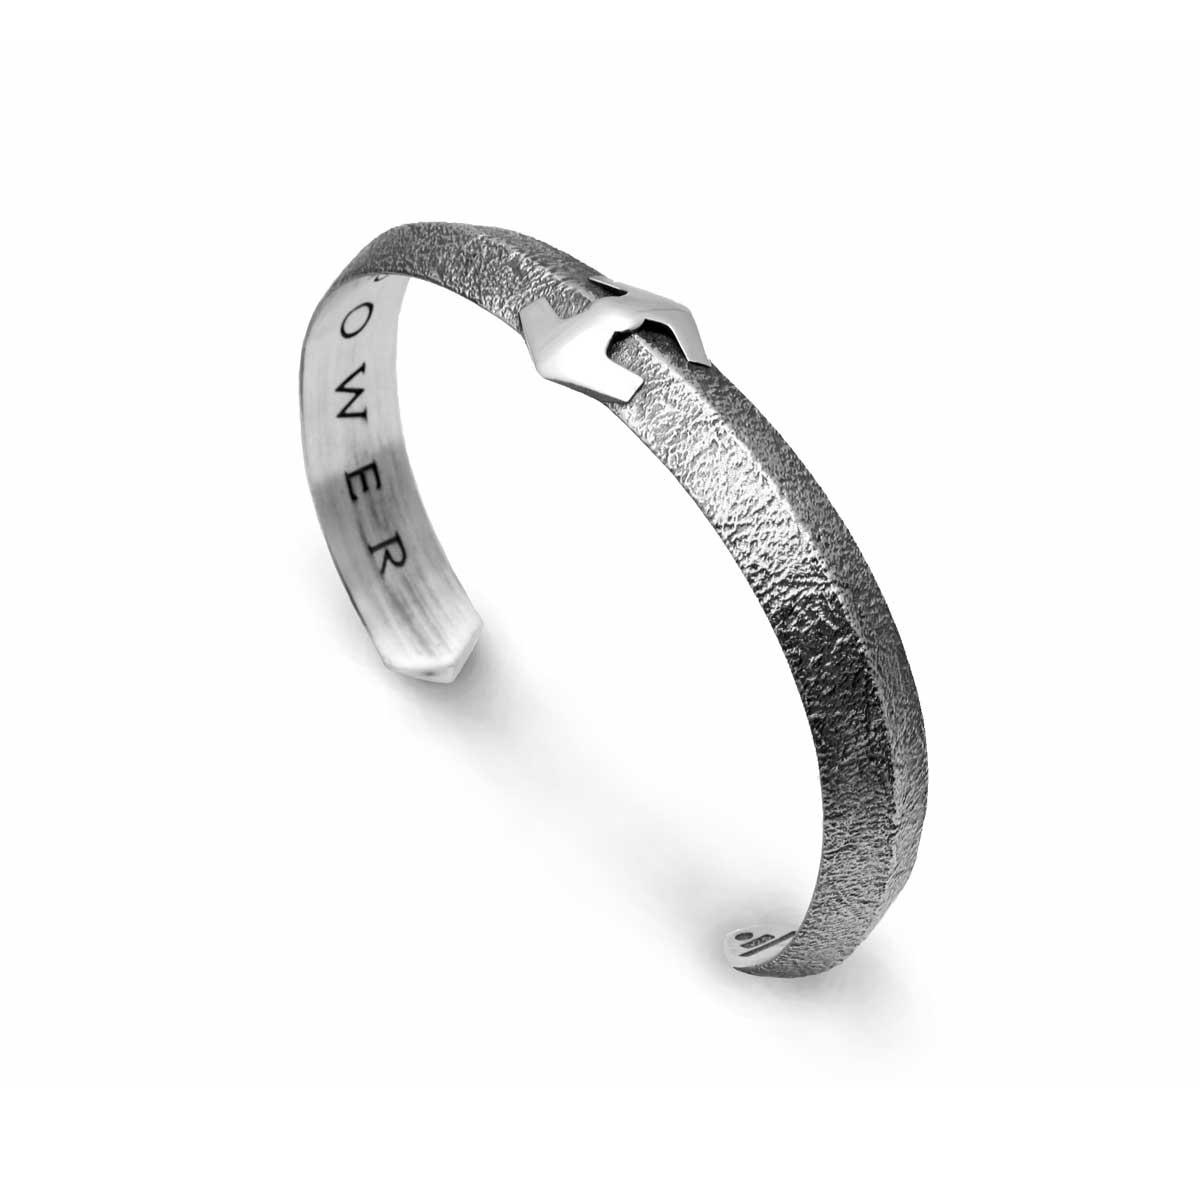 VIGG Sterling Silver Bangle Bracelet